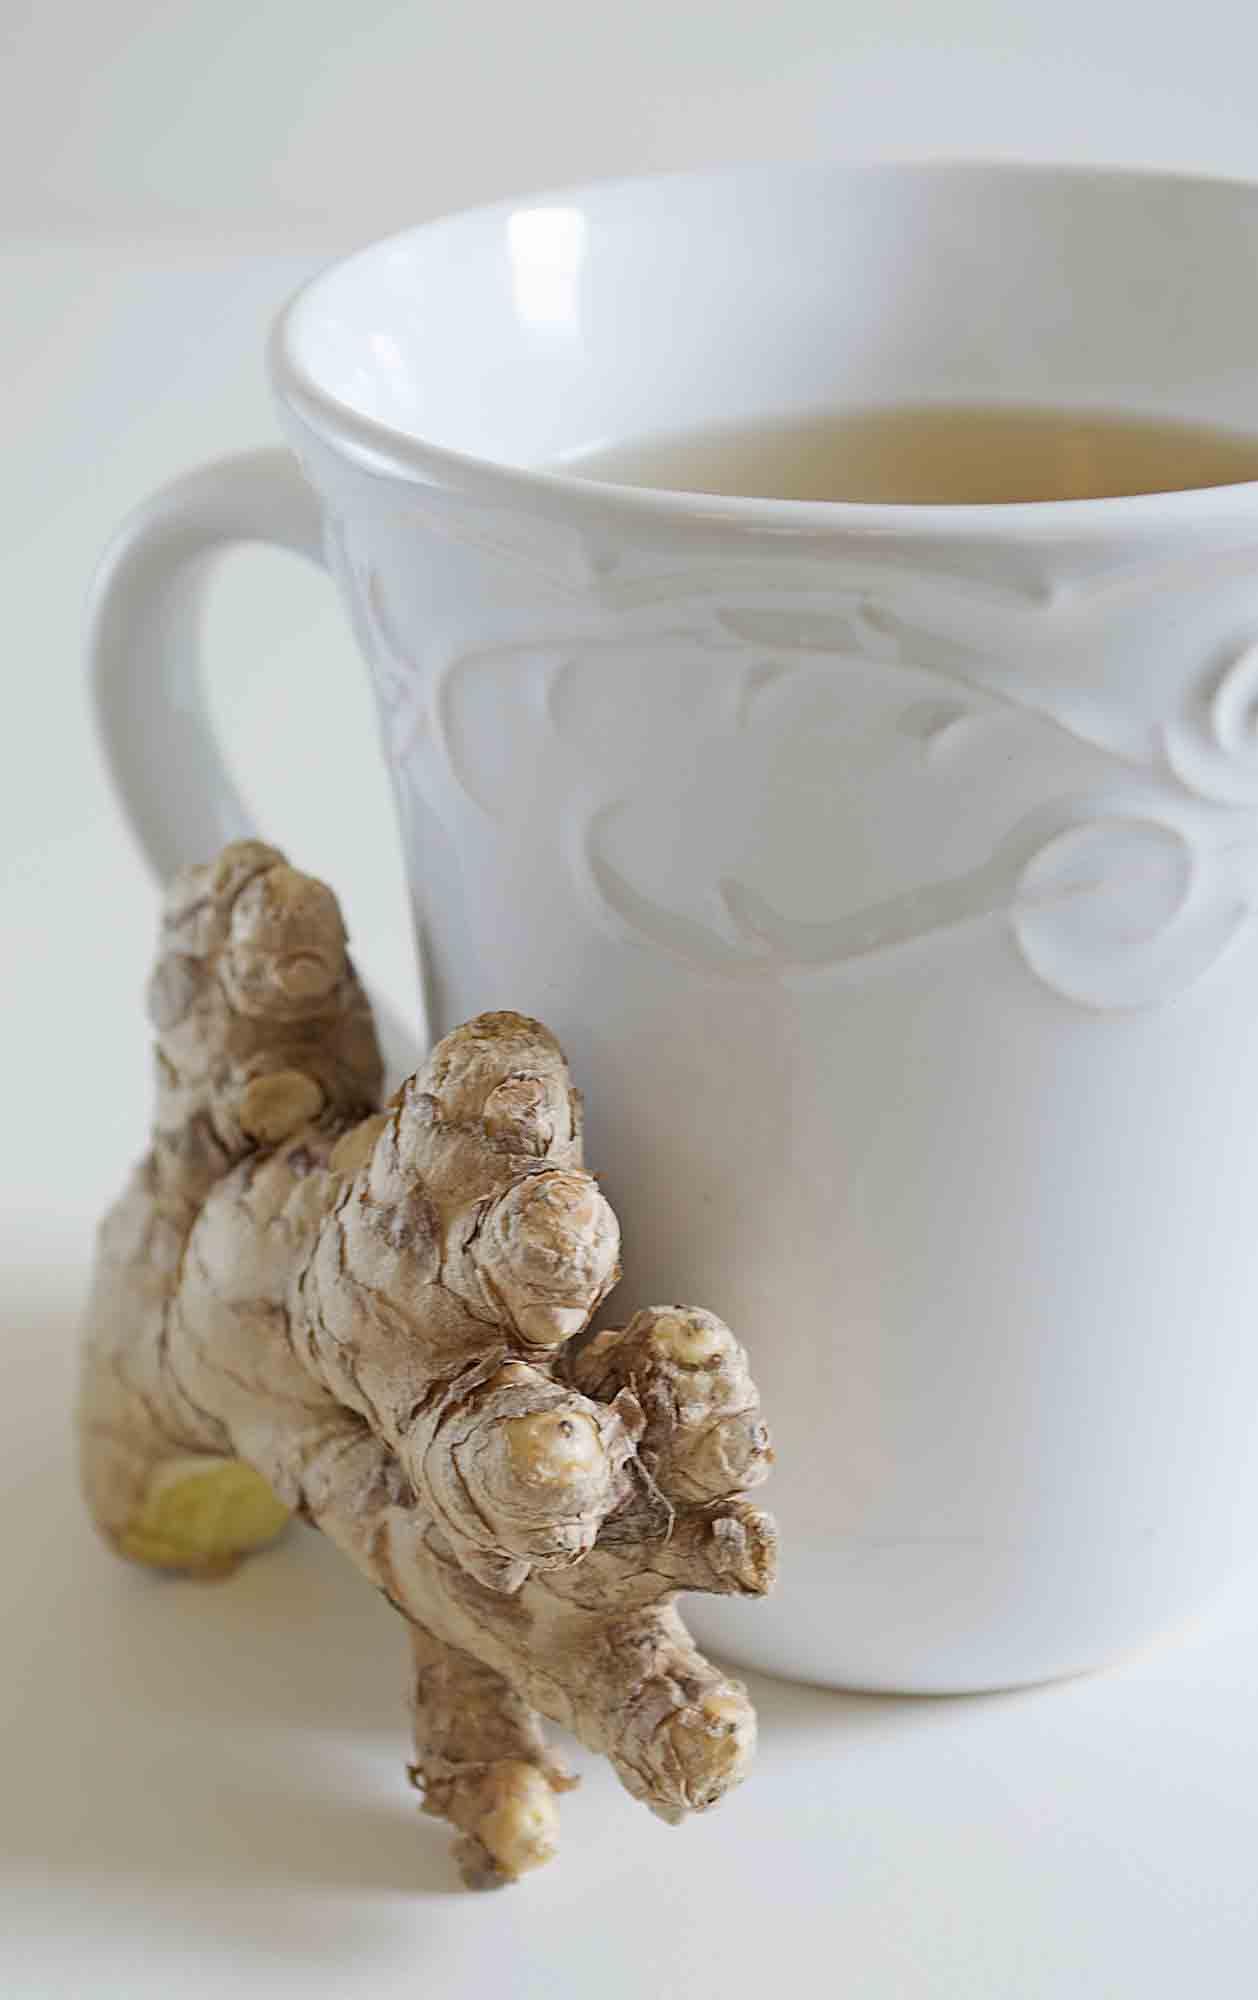 Best ginger tea